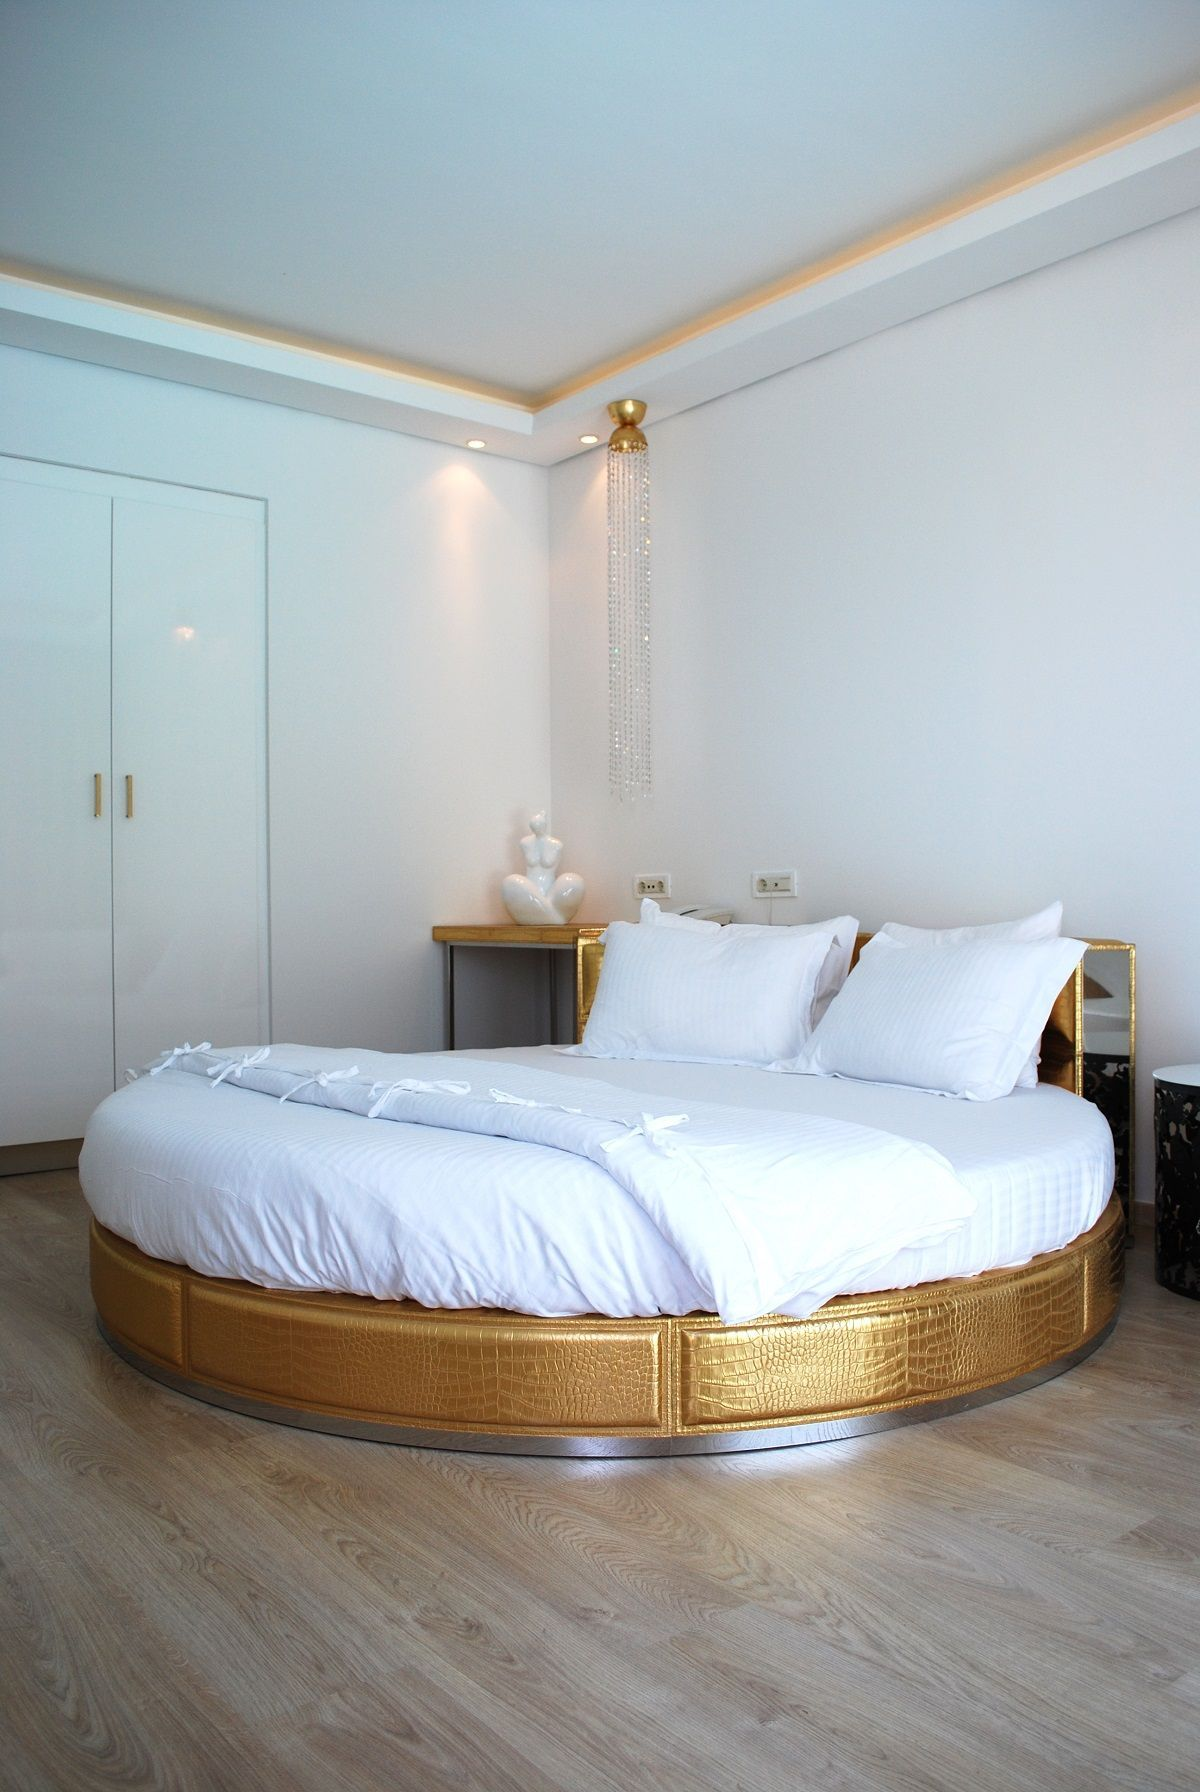 35 Best Modern Round Beds Design Ideas